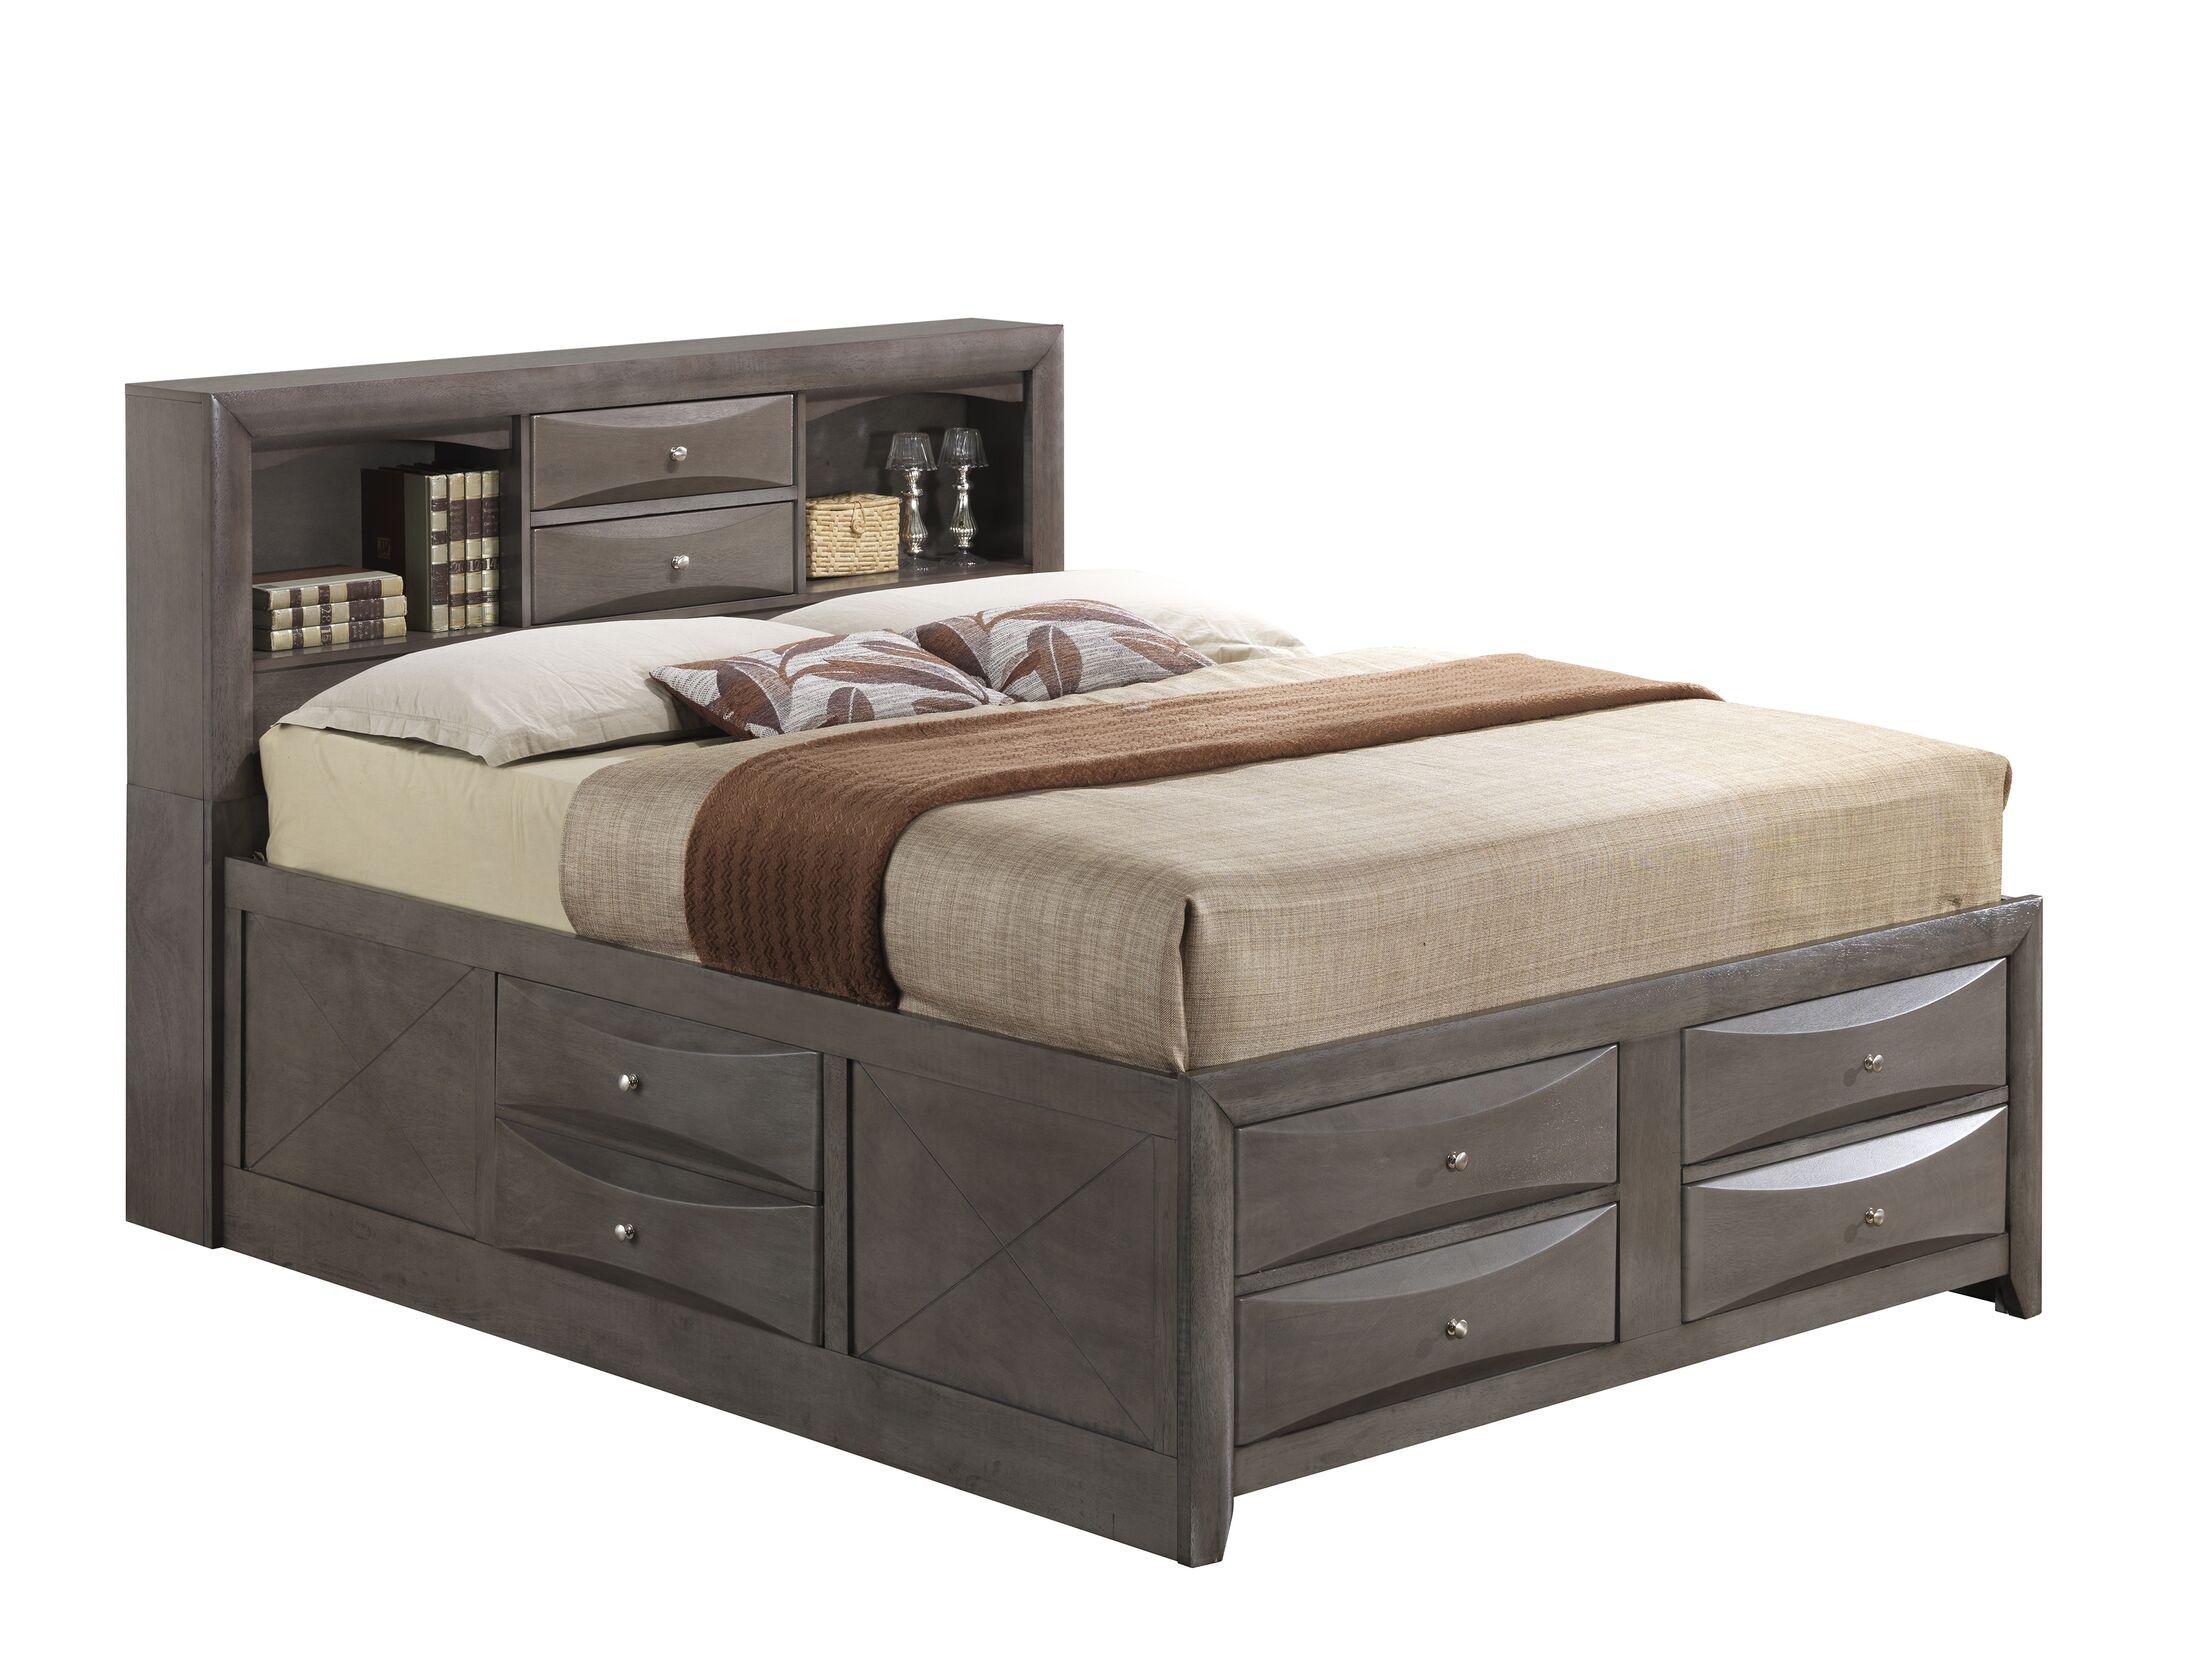 Medford Storage Platform Bed Size: Full, Color: Gray